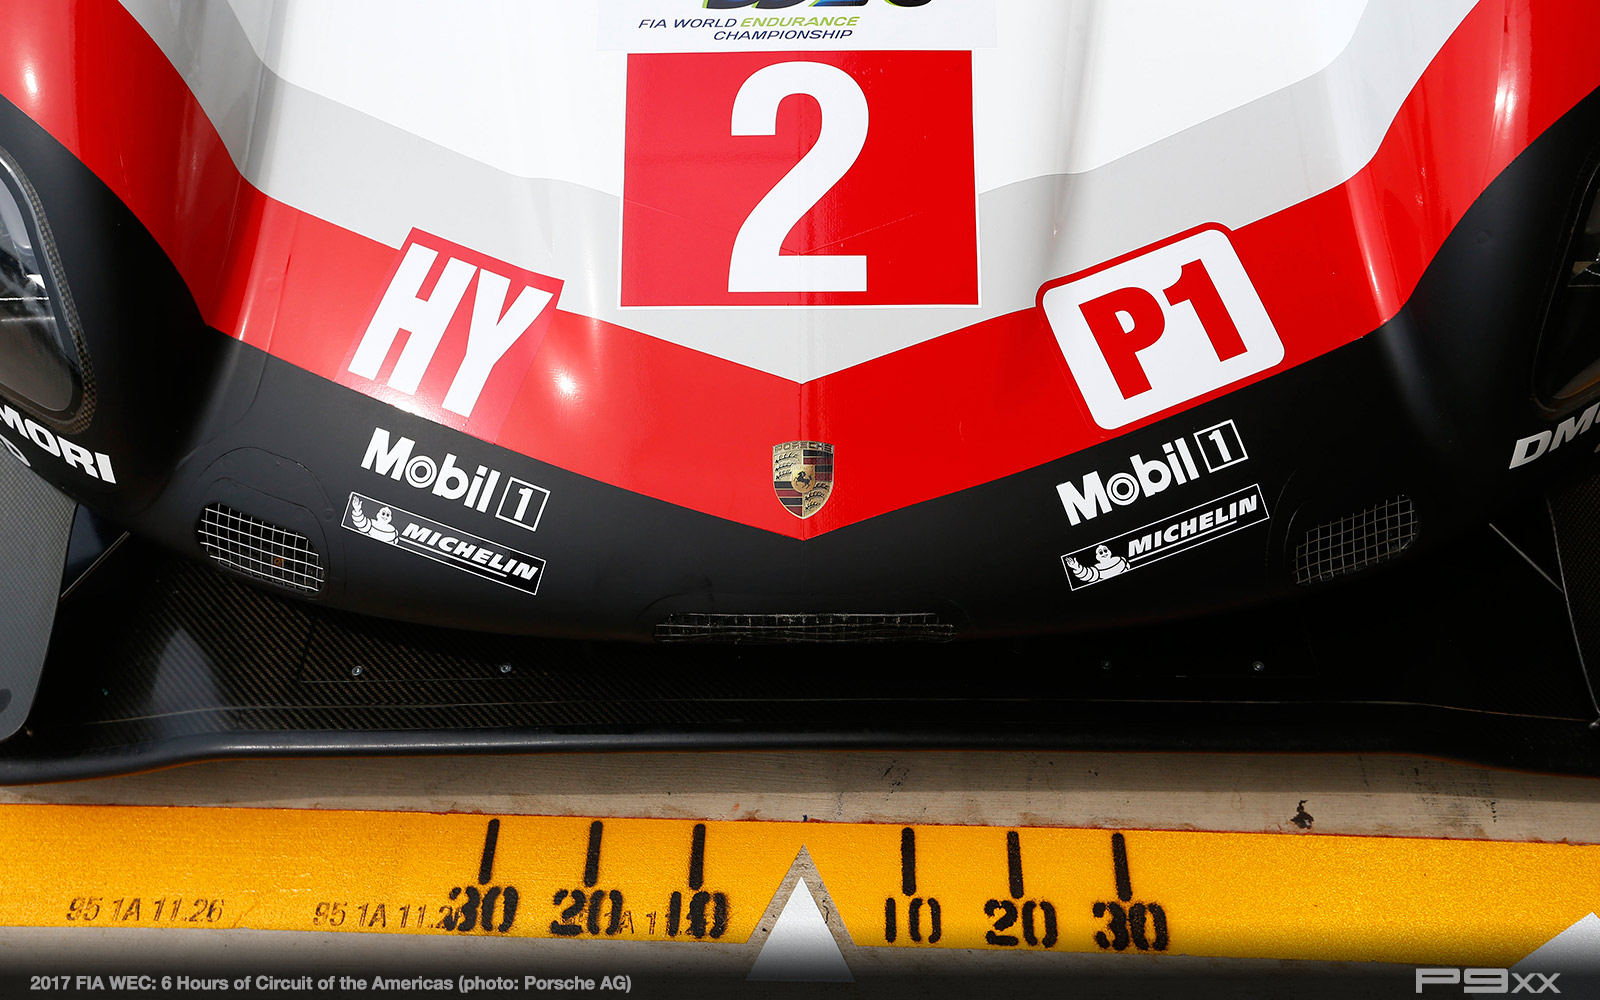 2017-FIA-WEC-6-HOURS-OF-COTA-PORSCHE-358